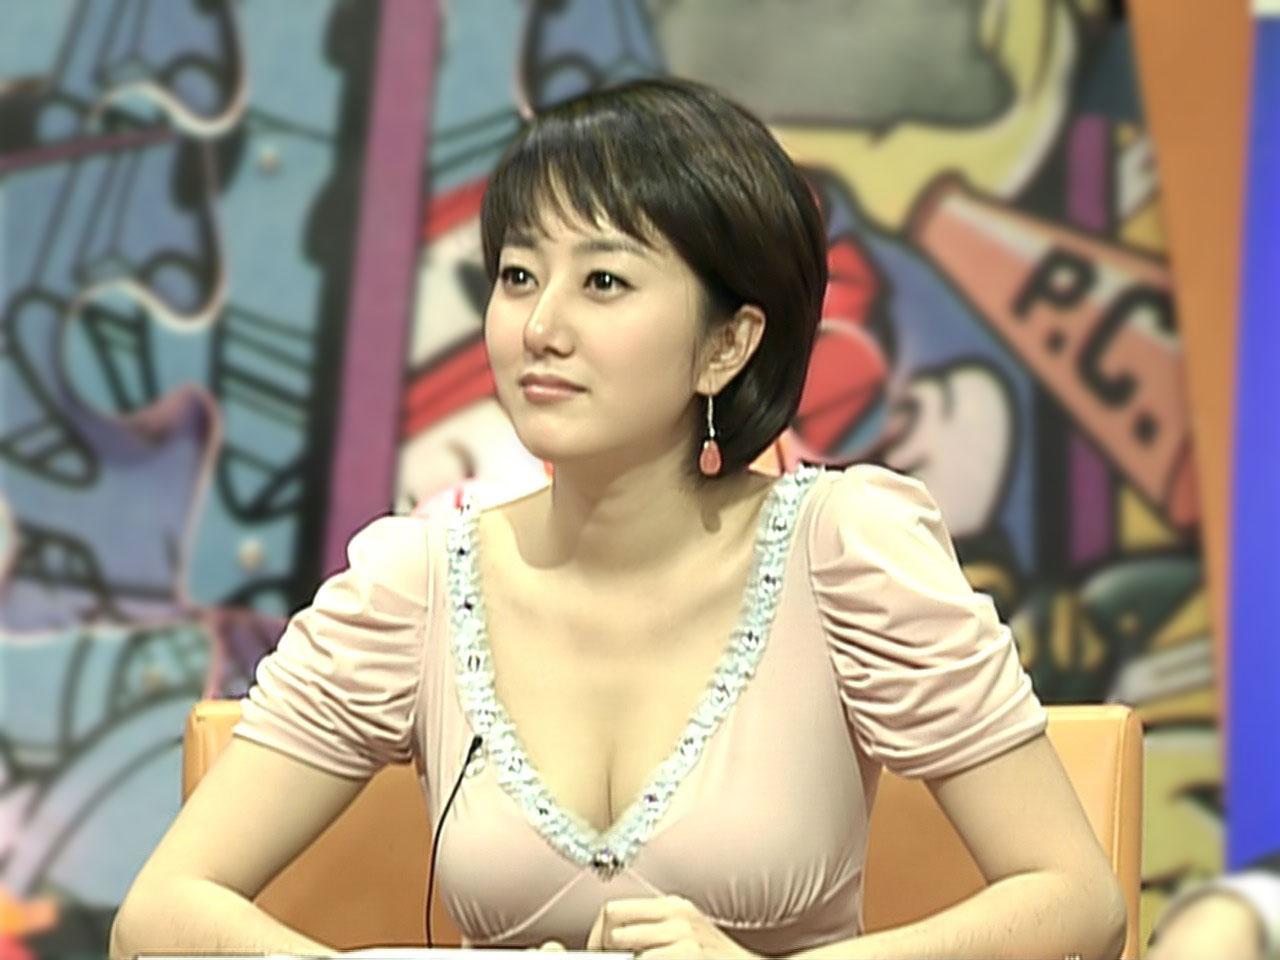 女子アナ おっぱい 韓国ニュースキャスター 女子アナ セクシー おっぱいの谷間 巨乳 キャプチャー 高画質 エロかわいい画像